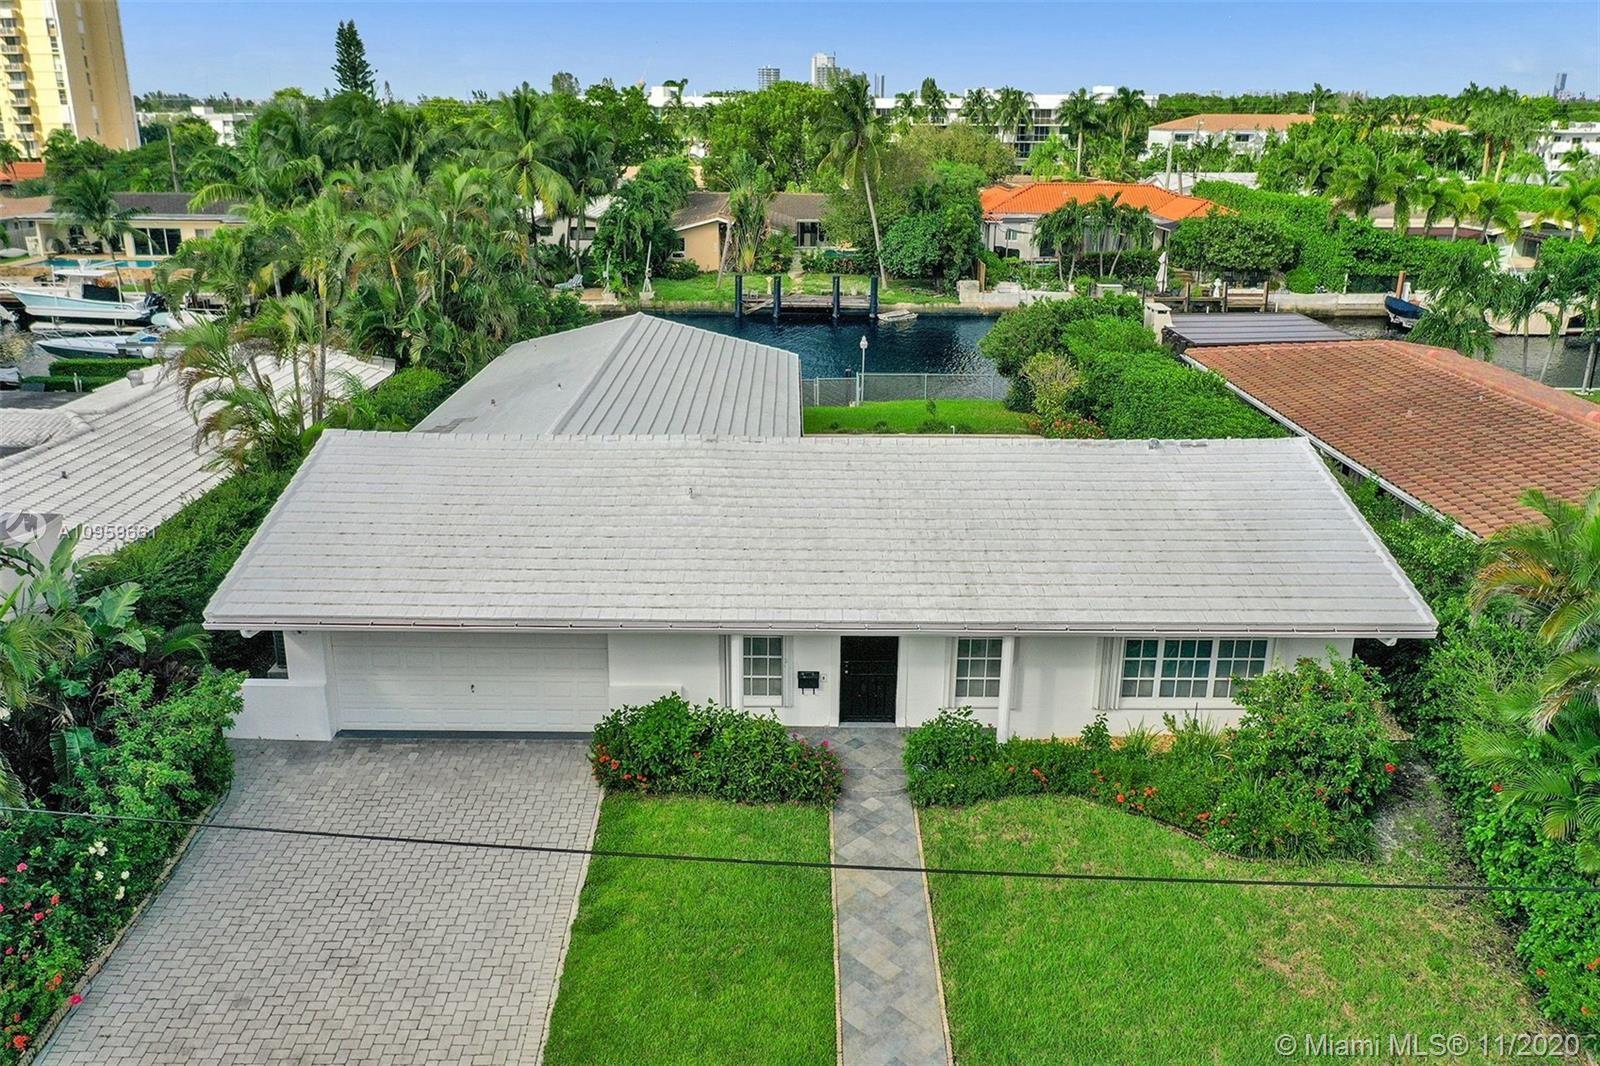 Photo of 2345 Magnolia Dr, North Miami, FL 33181 (MLS # A10959661)